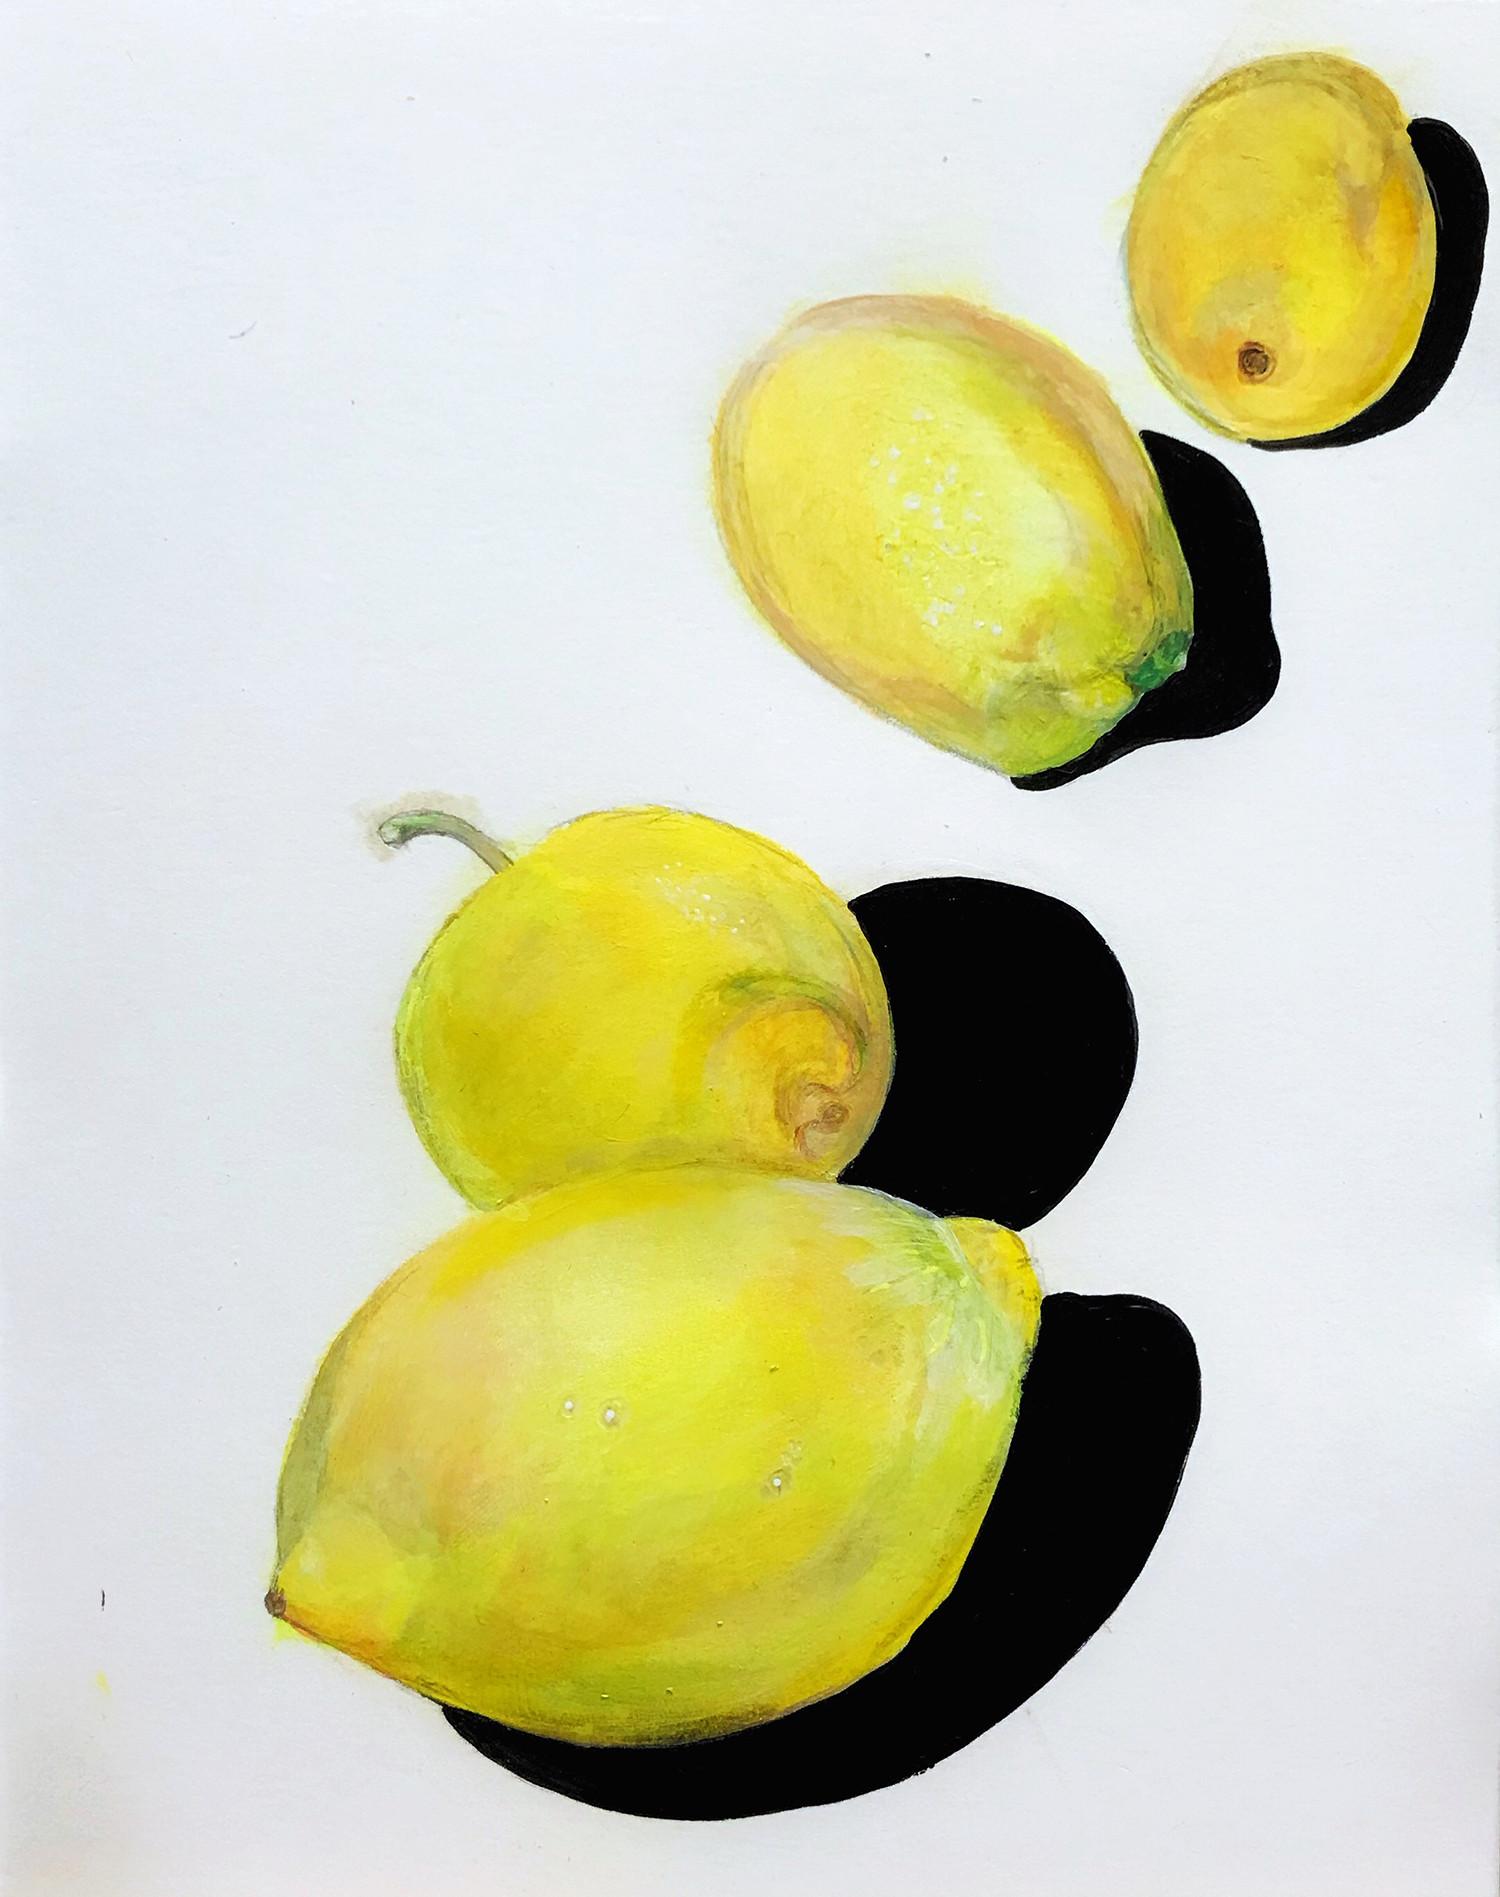 lemons in a line